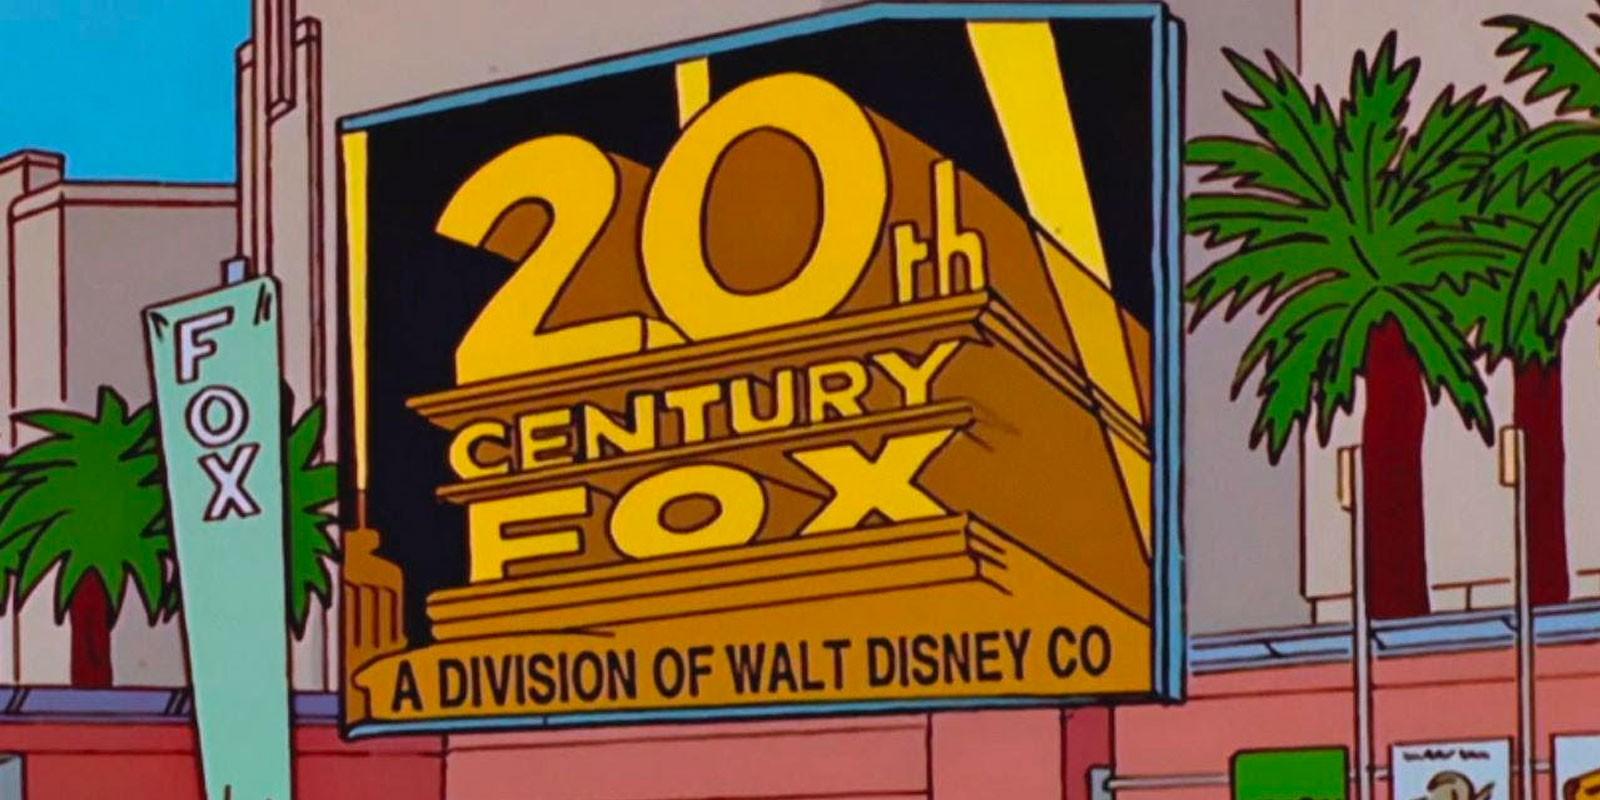 Отдел Walt Disney Co.